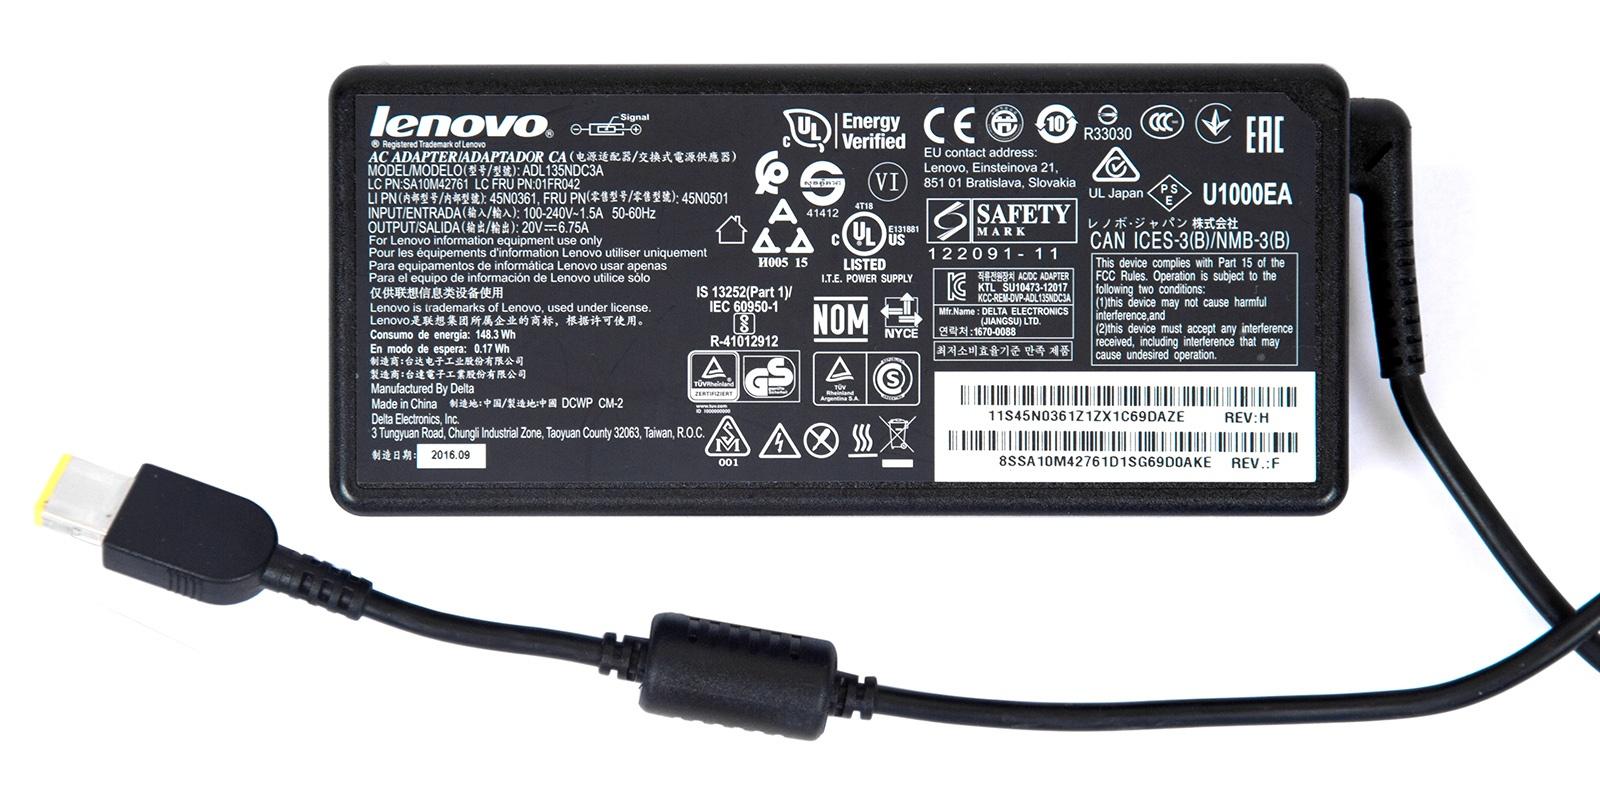 Универсальный Йог. Обзор ноутбука-трансформера Lenovo Yoga 720 - 13